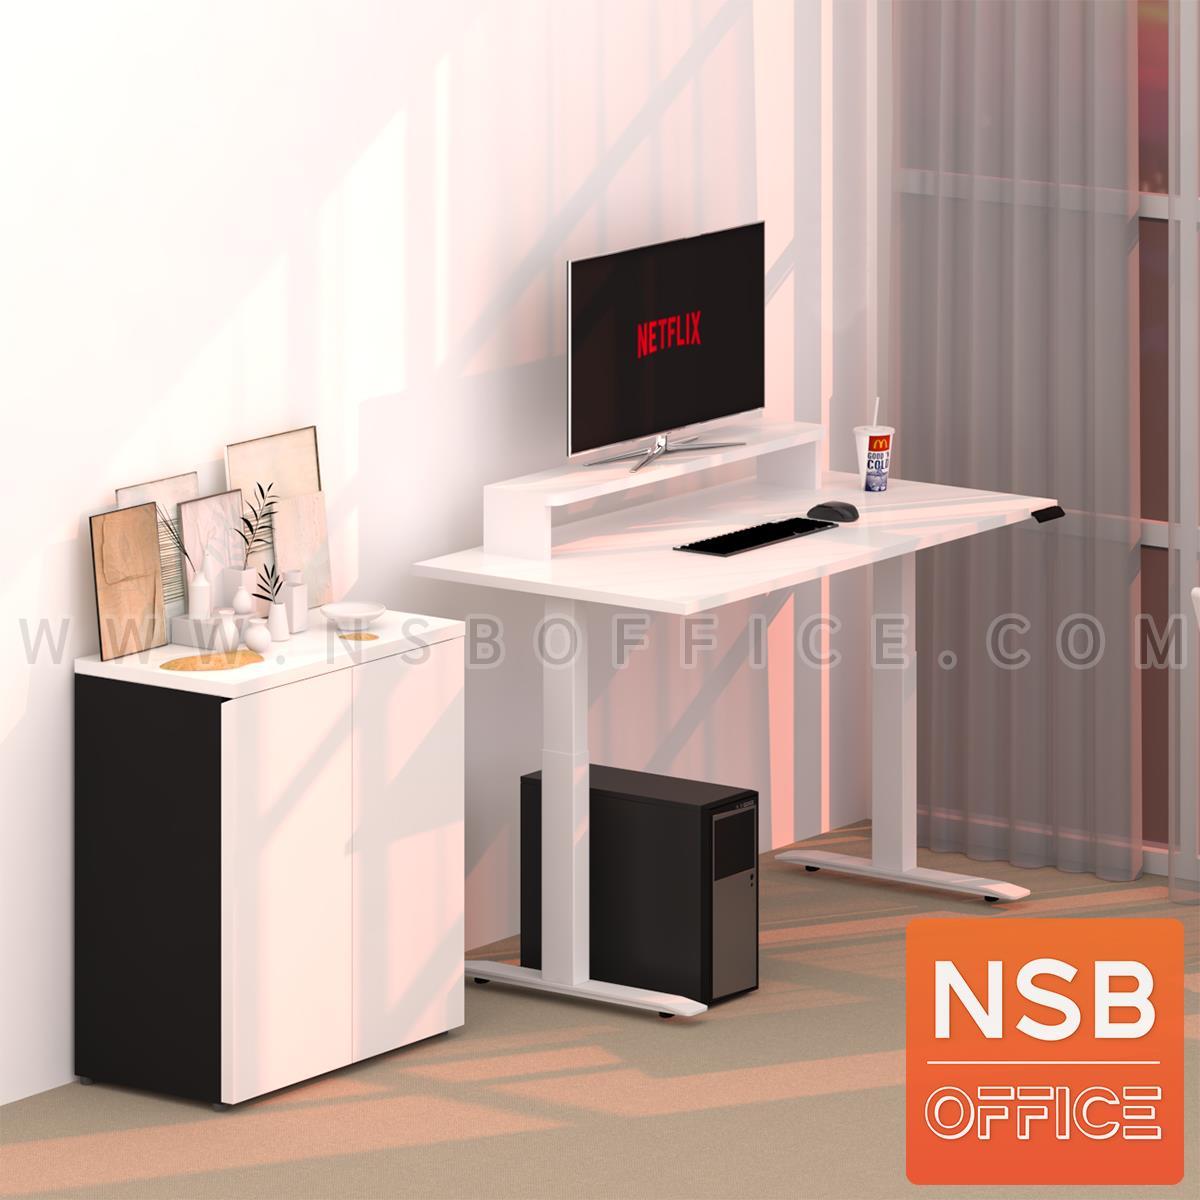 โต๊ะทำงาน Sit 2 Stand ระบบไฟฟ้า รุ่น Flaxen (แฟลกซ์เซ็น) ขนาด 150W, 180W cm. พร้อมชั้นวางจอคอมพิวเตอร์